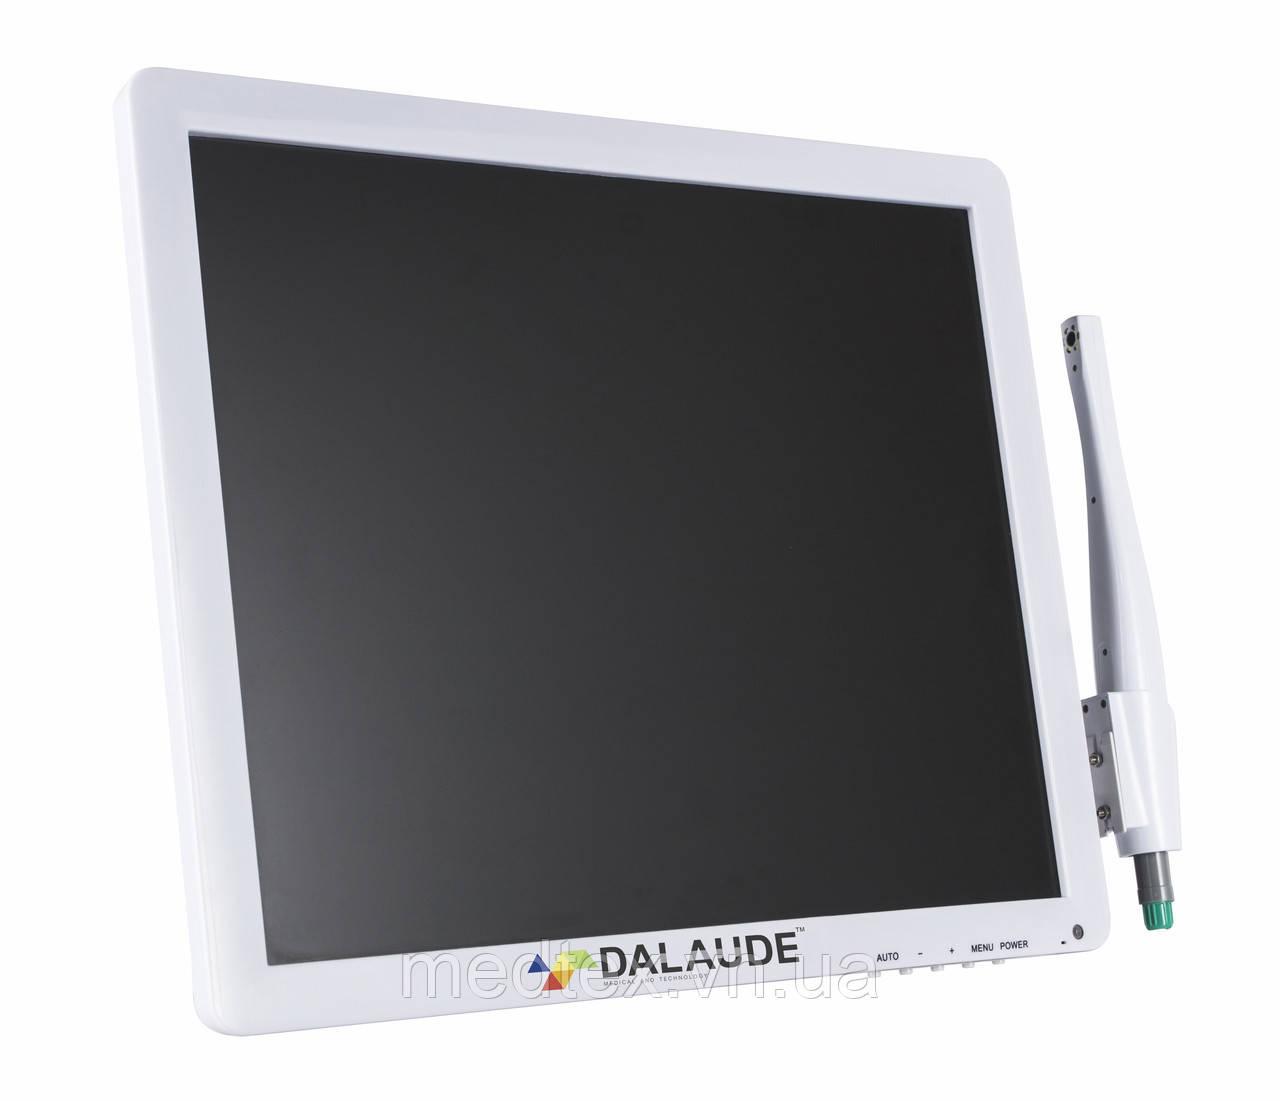 Dalaude DA-200 монитор 17 дюймов с интраоральной камерой